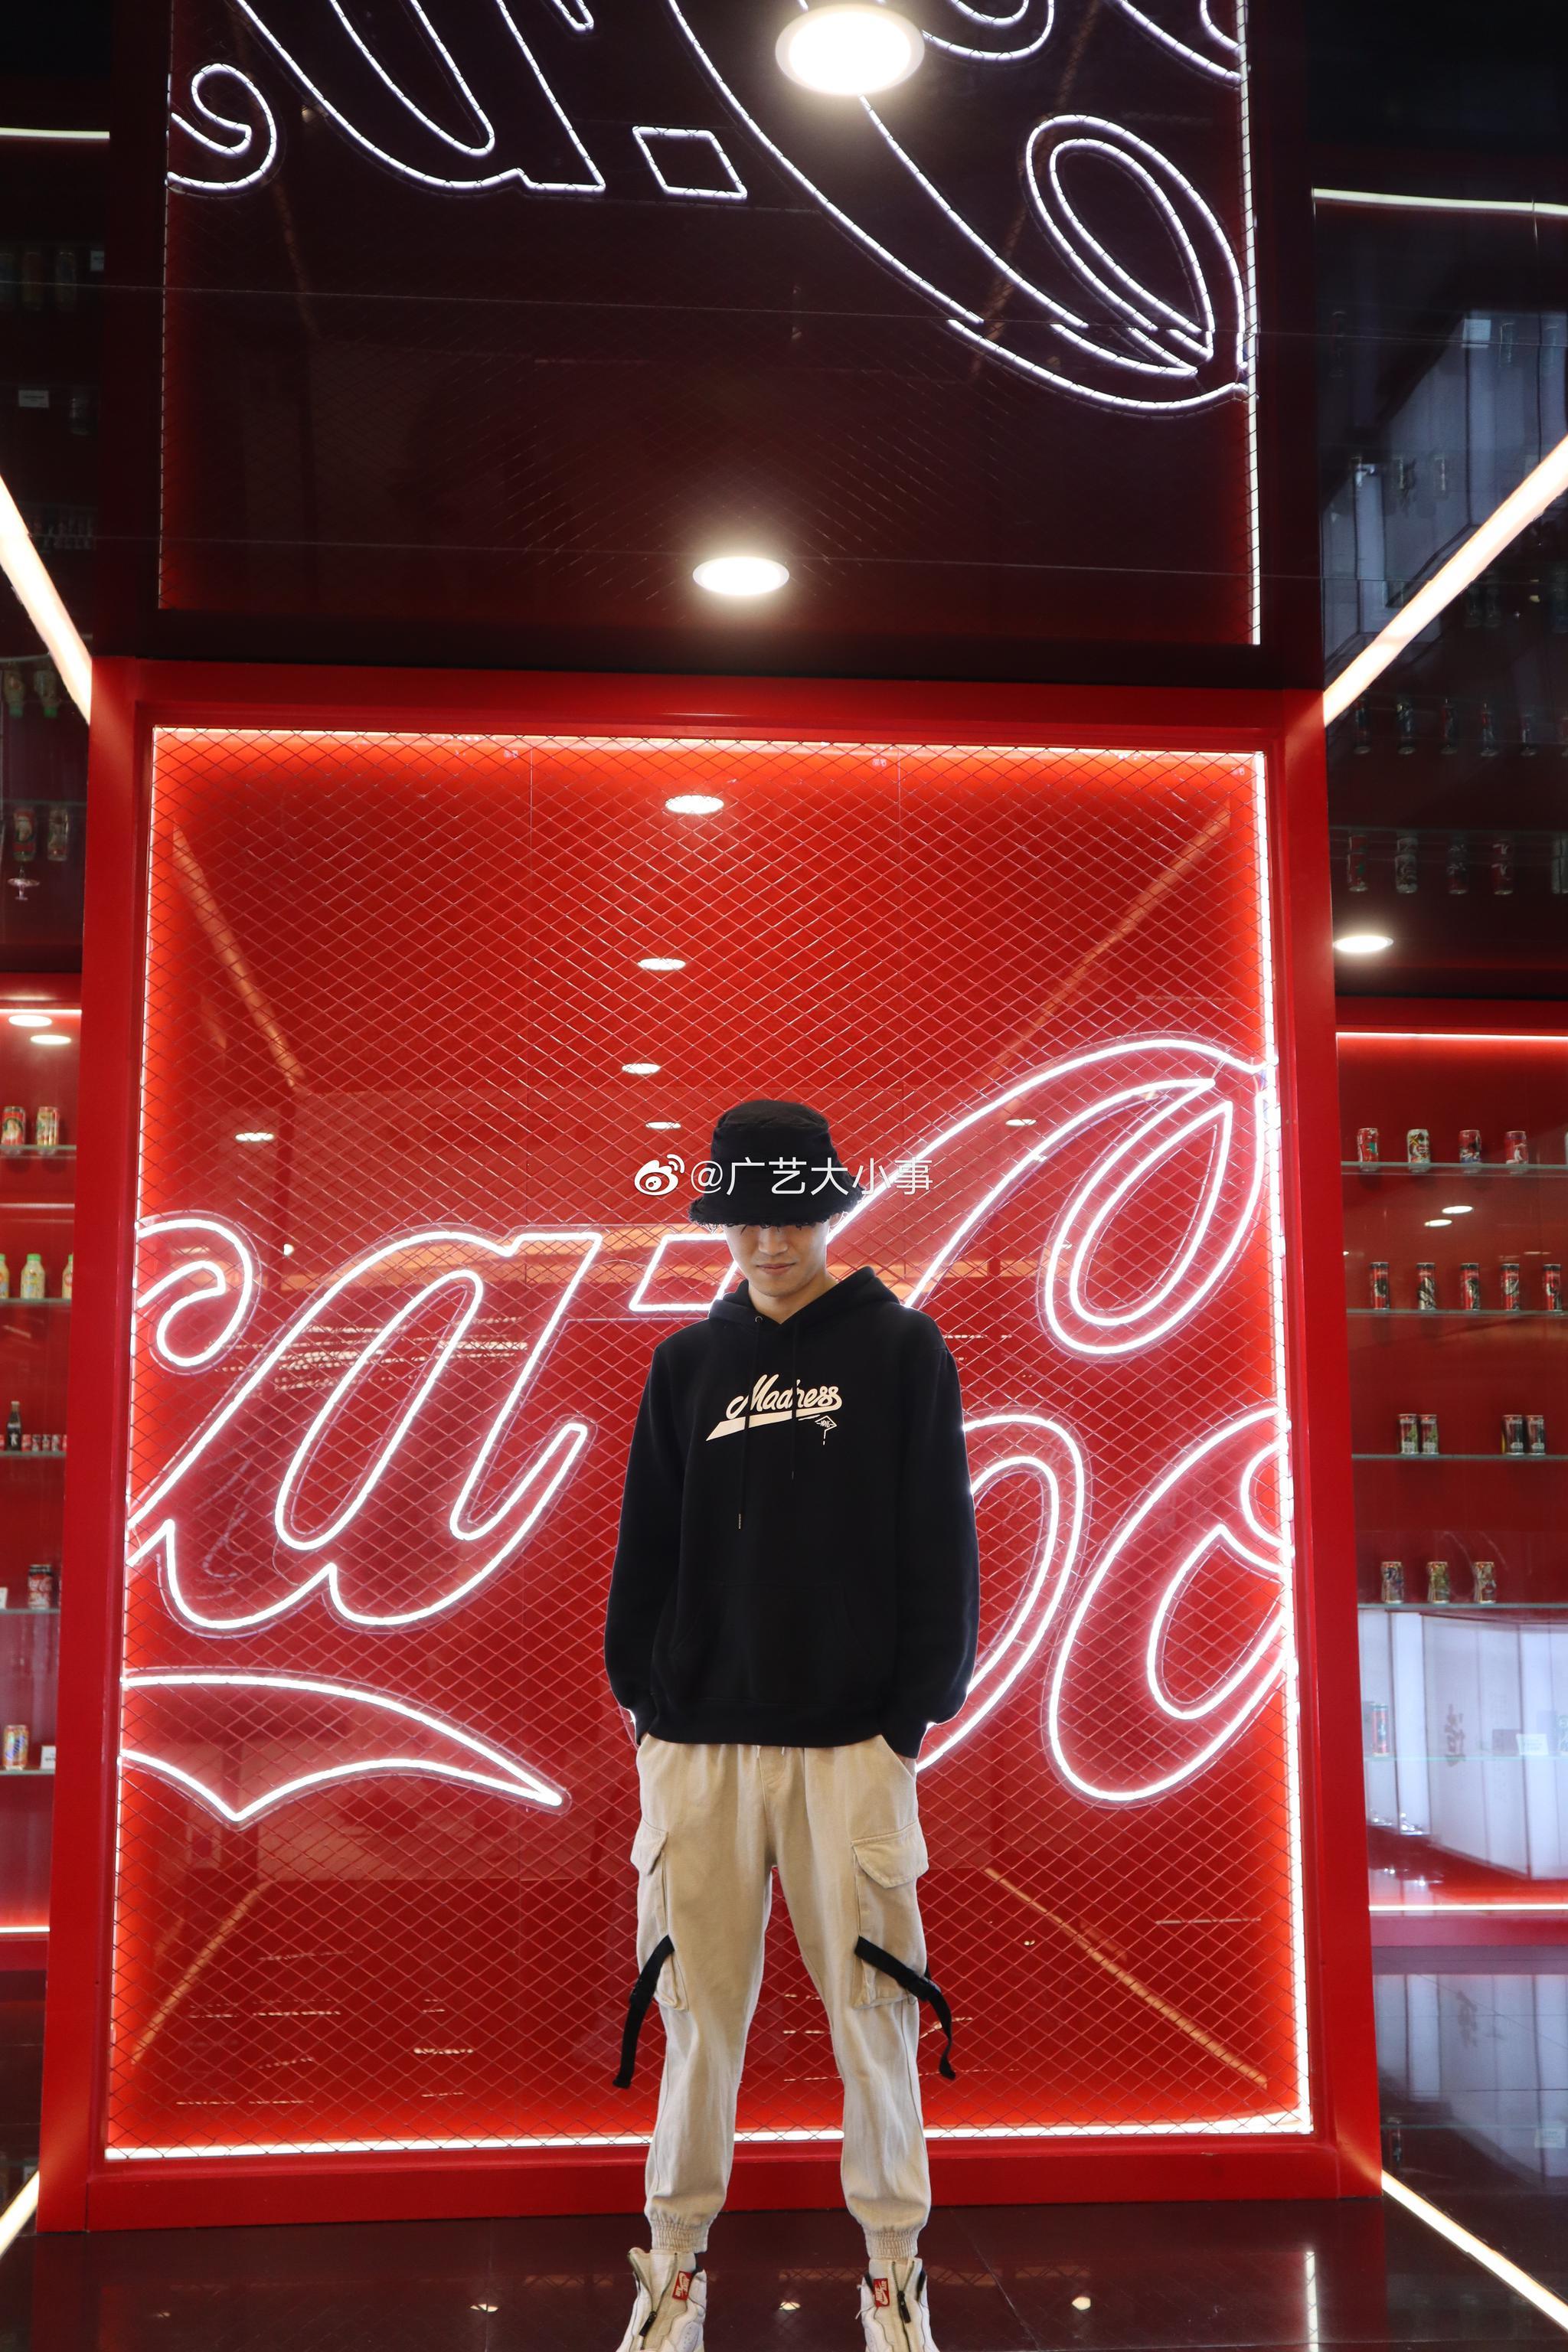 广西也有可口可乐博物馆了!简直是ℹ️快乐肥宅水的福音